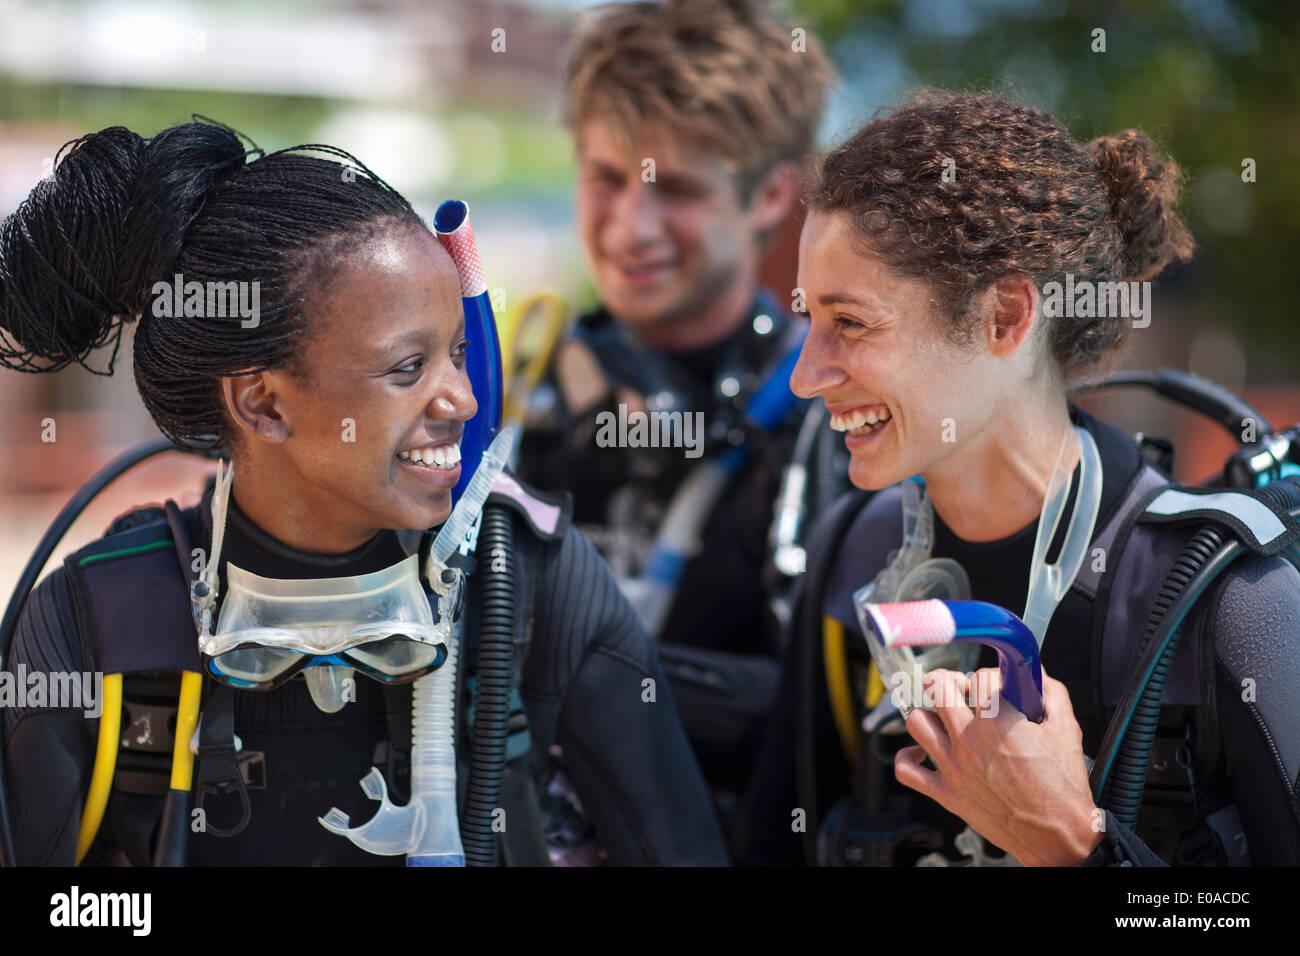 Trois jeunes plongeurs adultes préparation à la pratique de la piscine Photo Stock